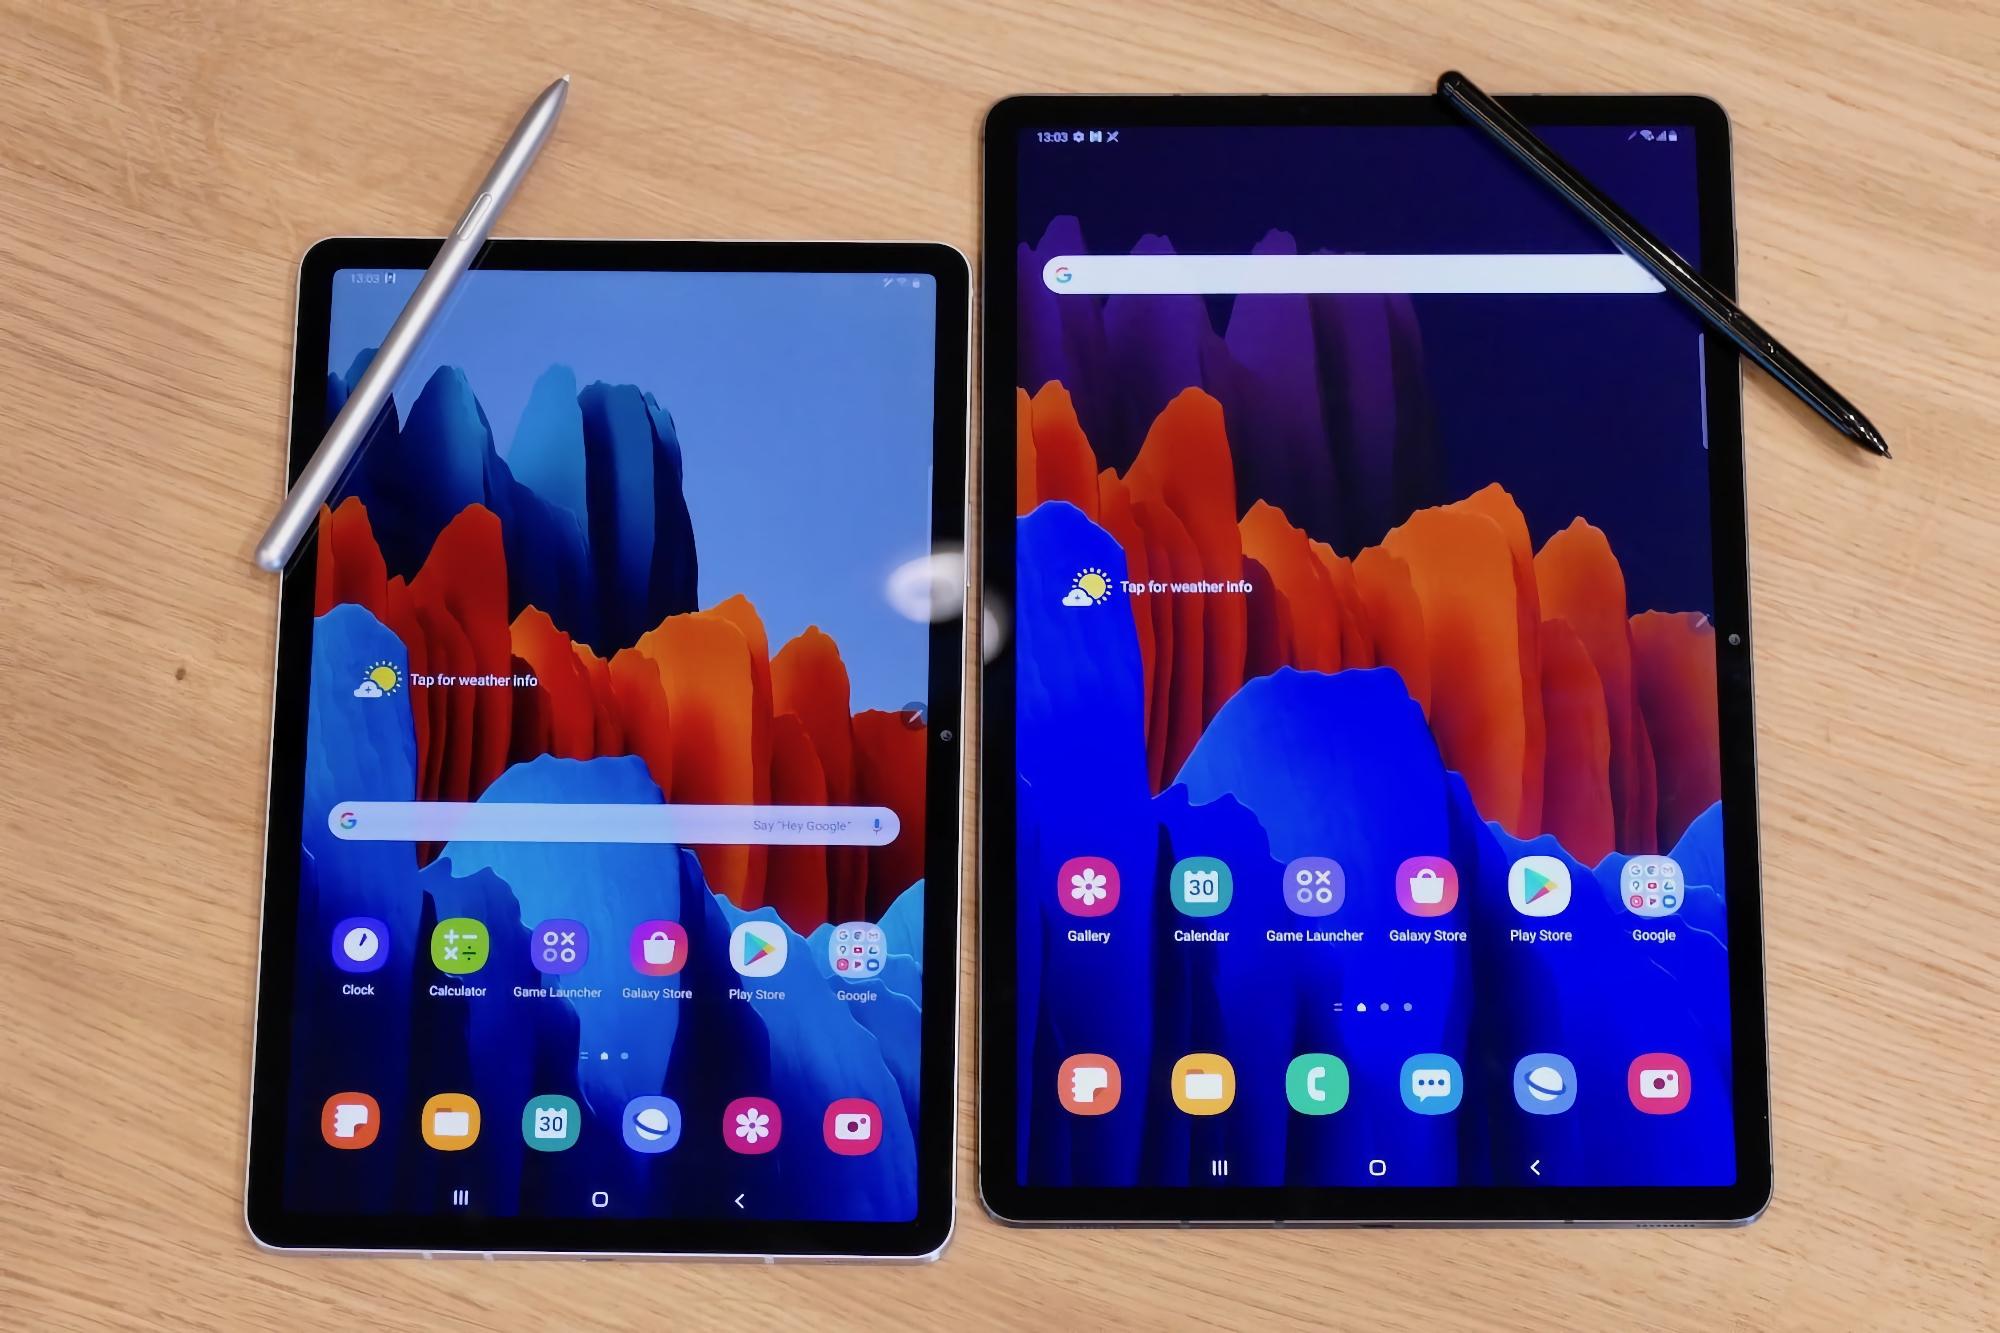 Galaxy Tab S7 и Galaxy Tab S7+ стали первыми устройствами Samsung, которые получили оболочку One UI 3.1 по воздуху